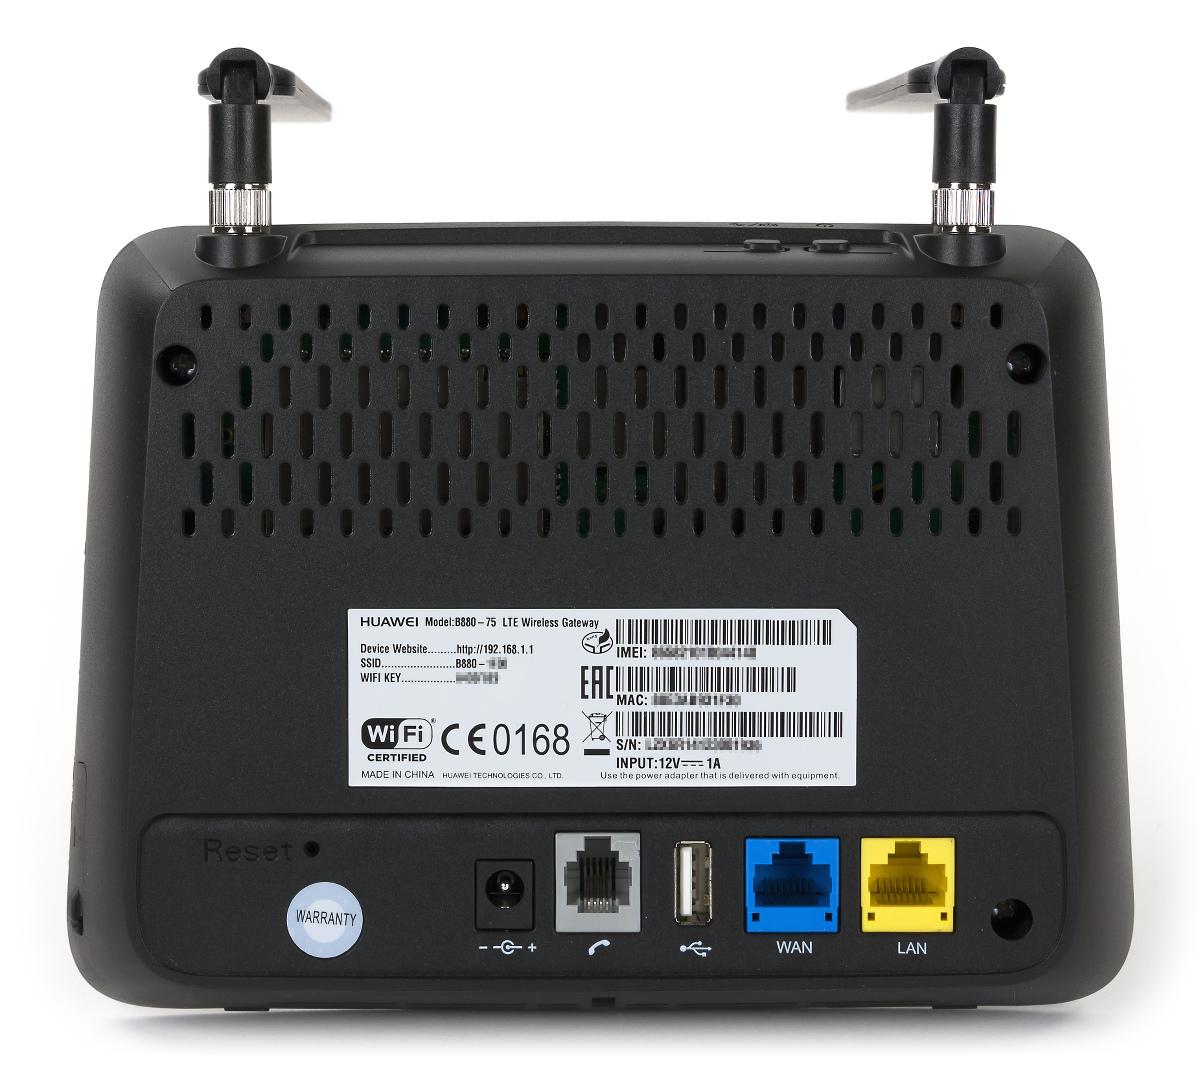 Внешний вид Huawei B880